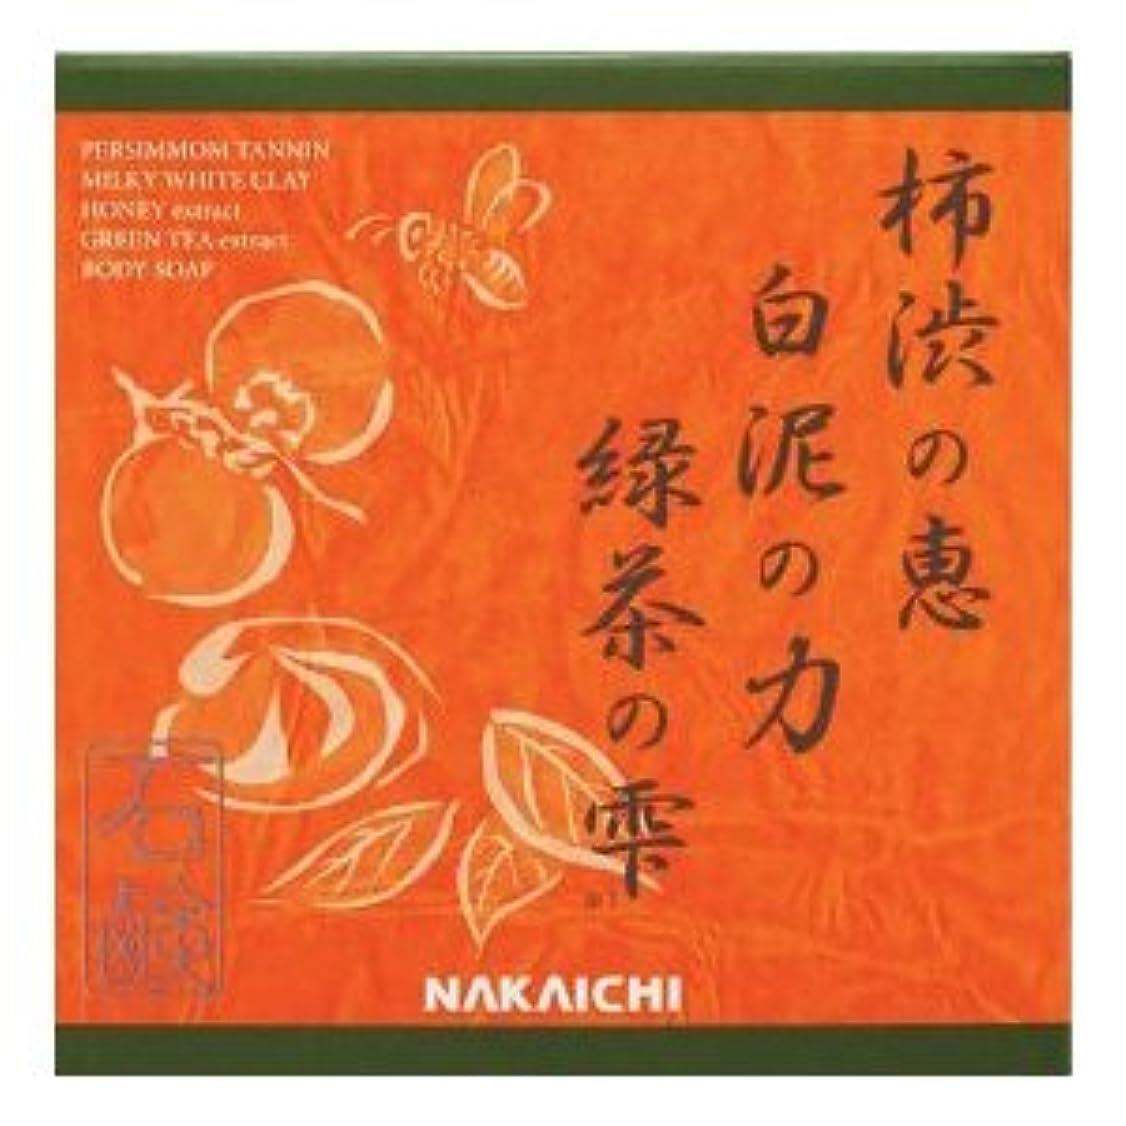 野な法的信頼できる柿渋の恵み?白泥の力?緑茶の雫  Nakaichi クリアボディーソープ  100g  (化粧品)